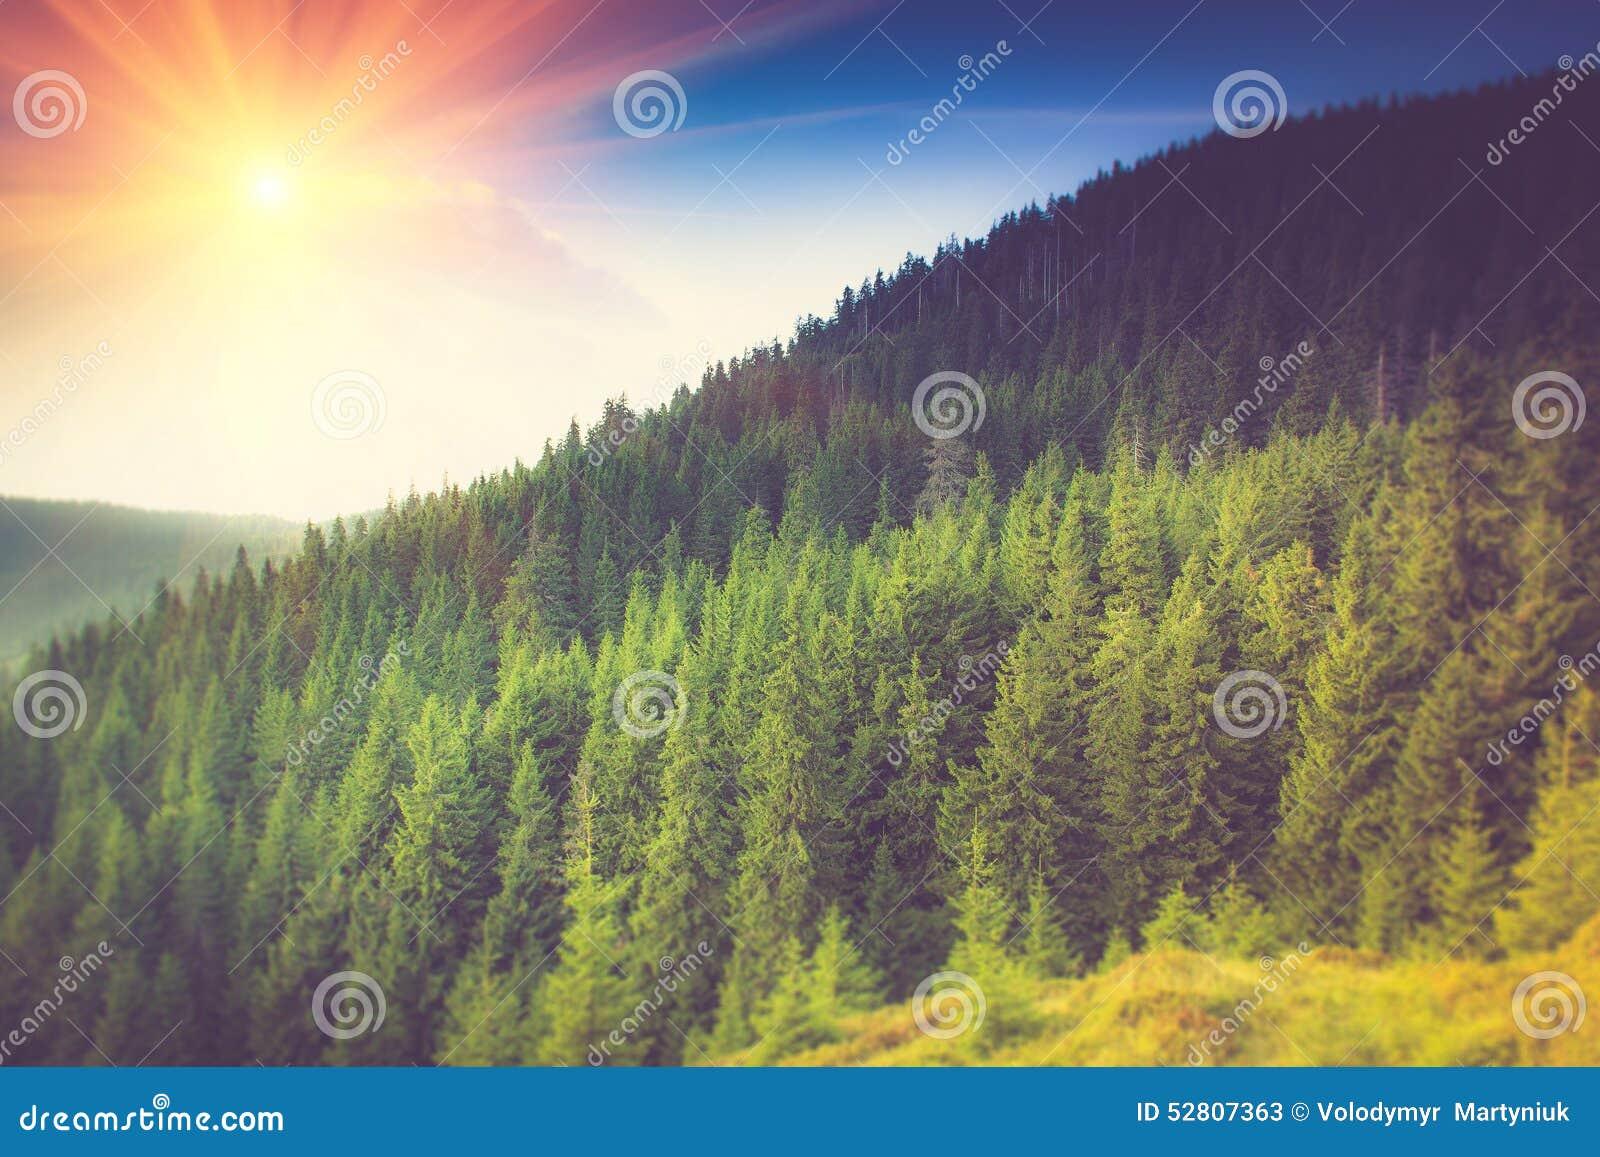 山森林风景在与云彩的晚上天空下